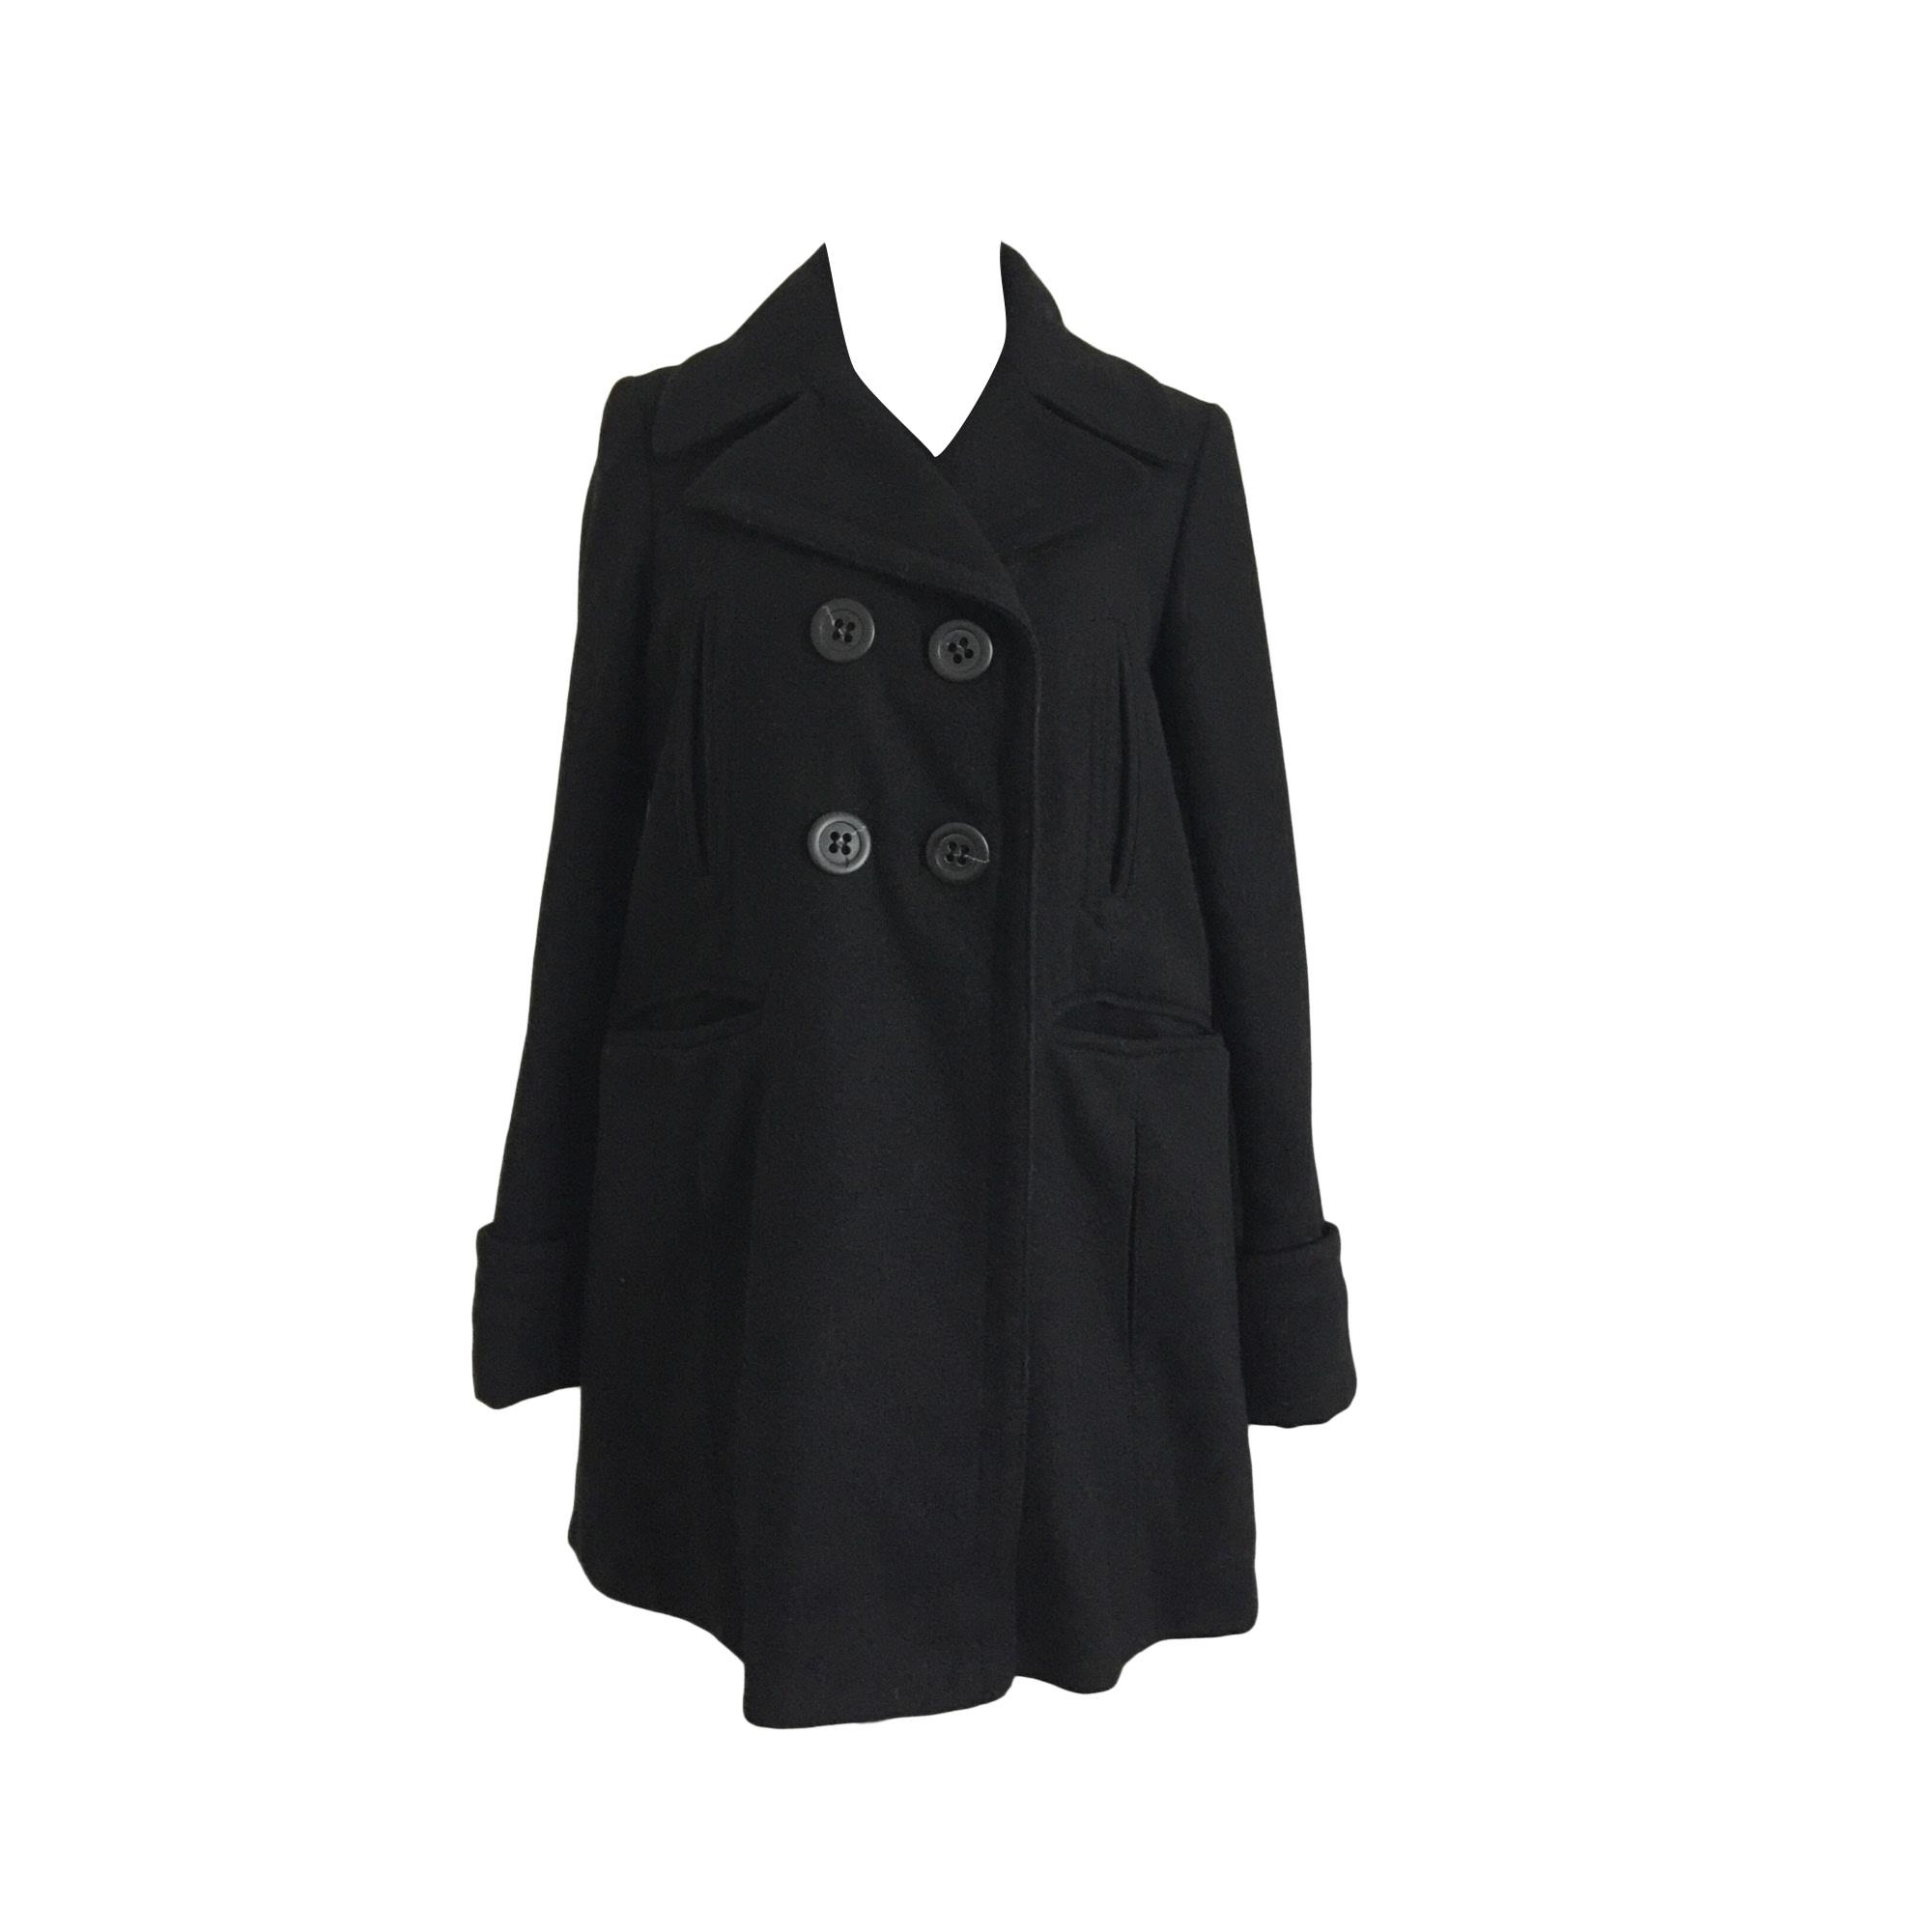 Manteau comptoir des cotonniers 38 m t2 noir vendu par - Comptoir des cotonniers ch ...